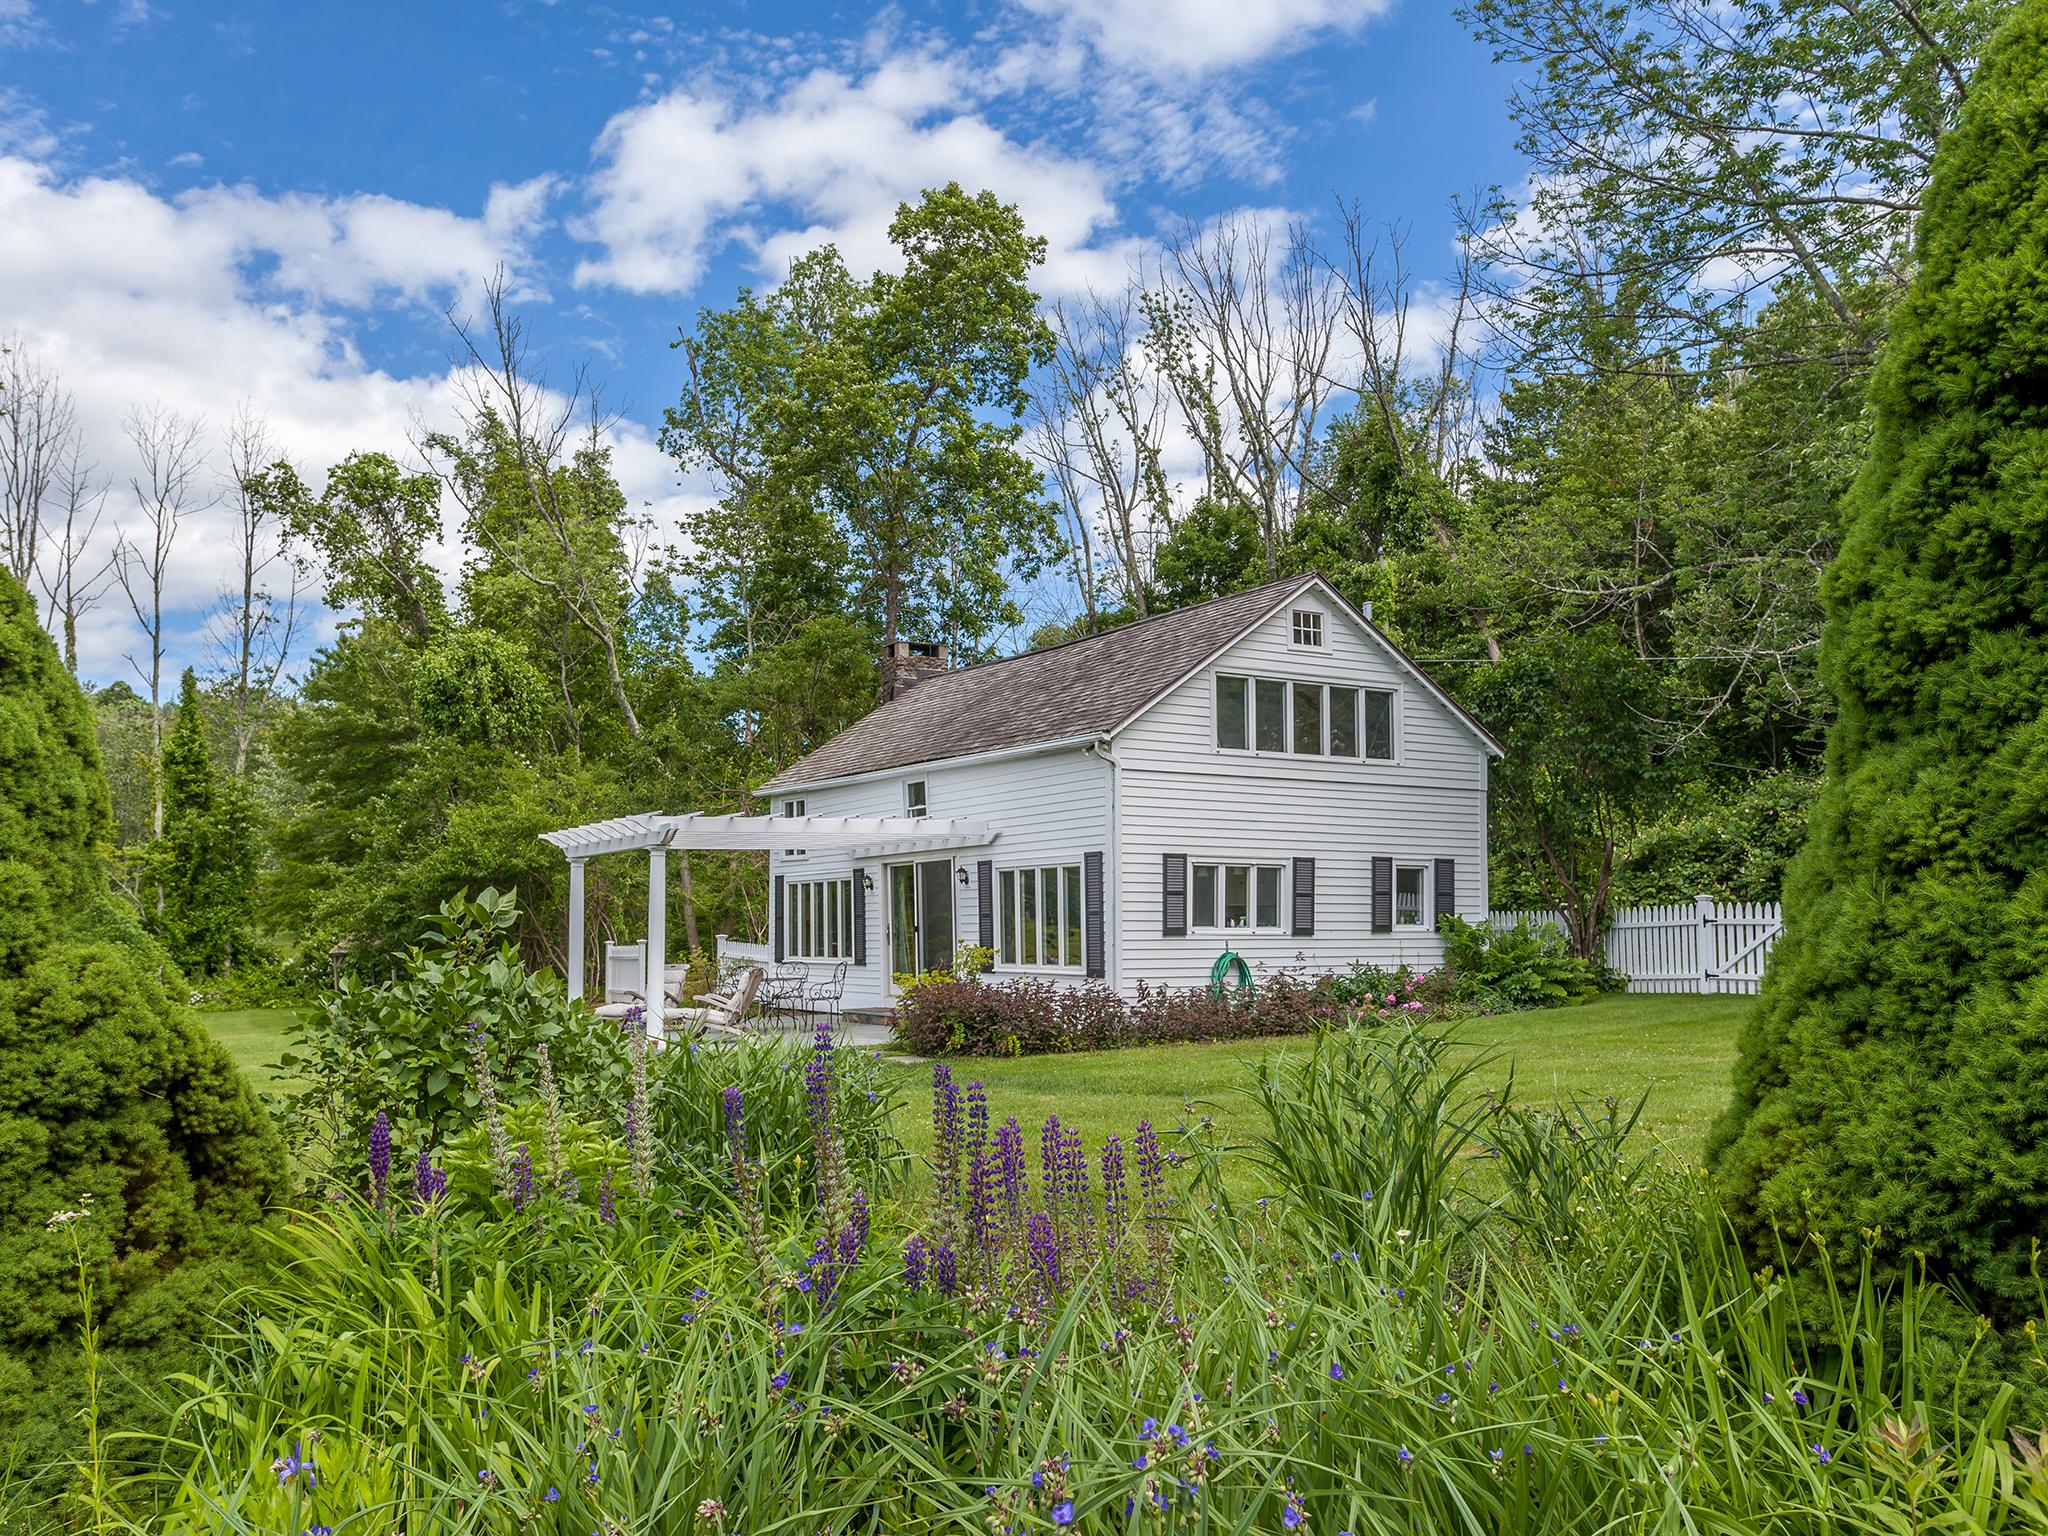 独户住宅 为 销售 在 Matthau Cottages 130 Tophet Rd 罗克斯伯里, 康涅狄格州, 06783 美国